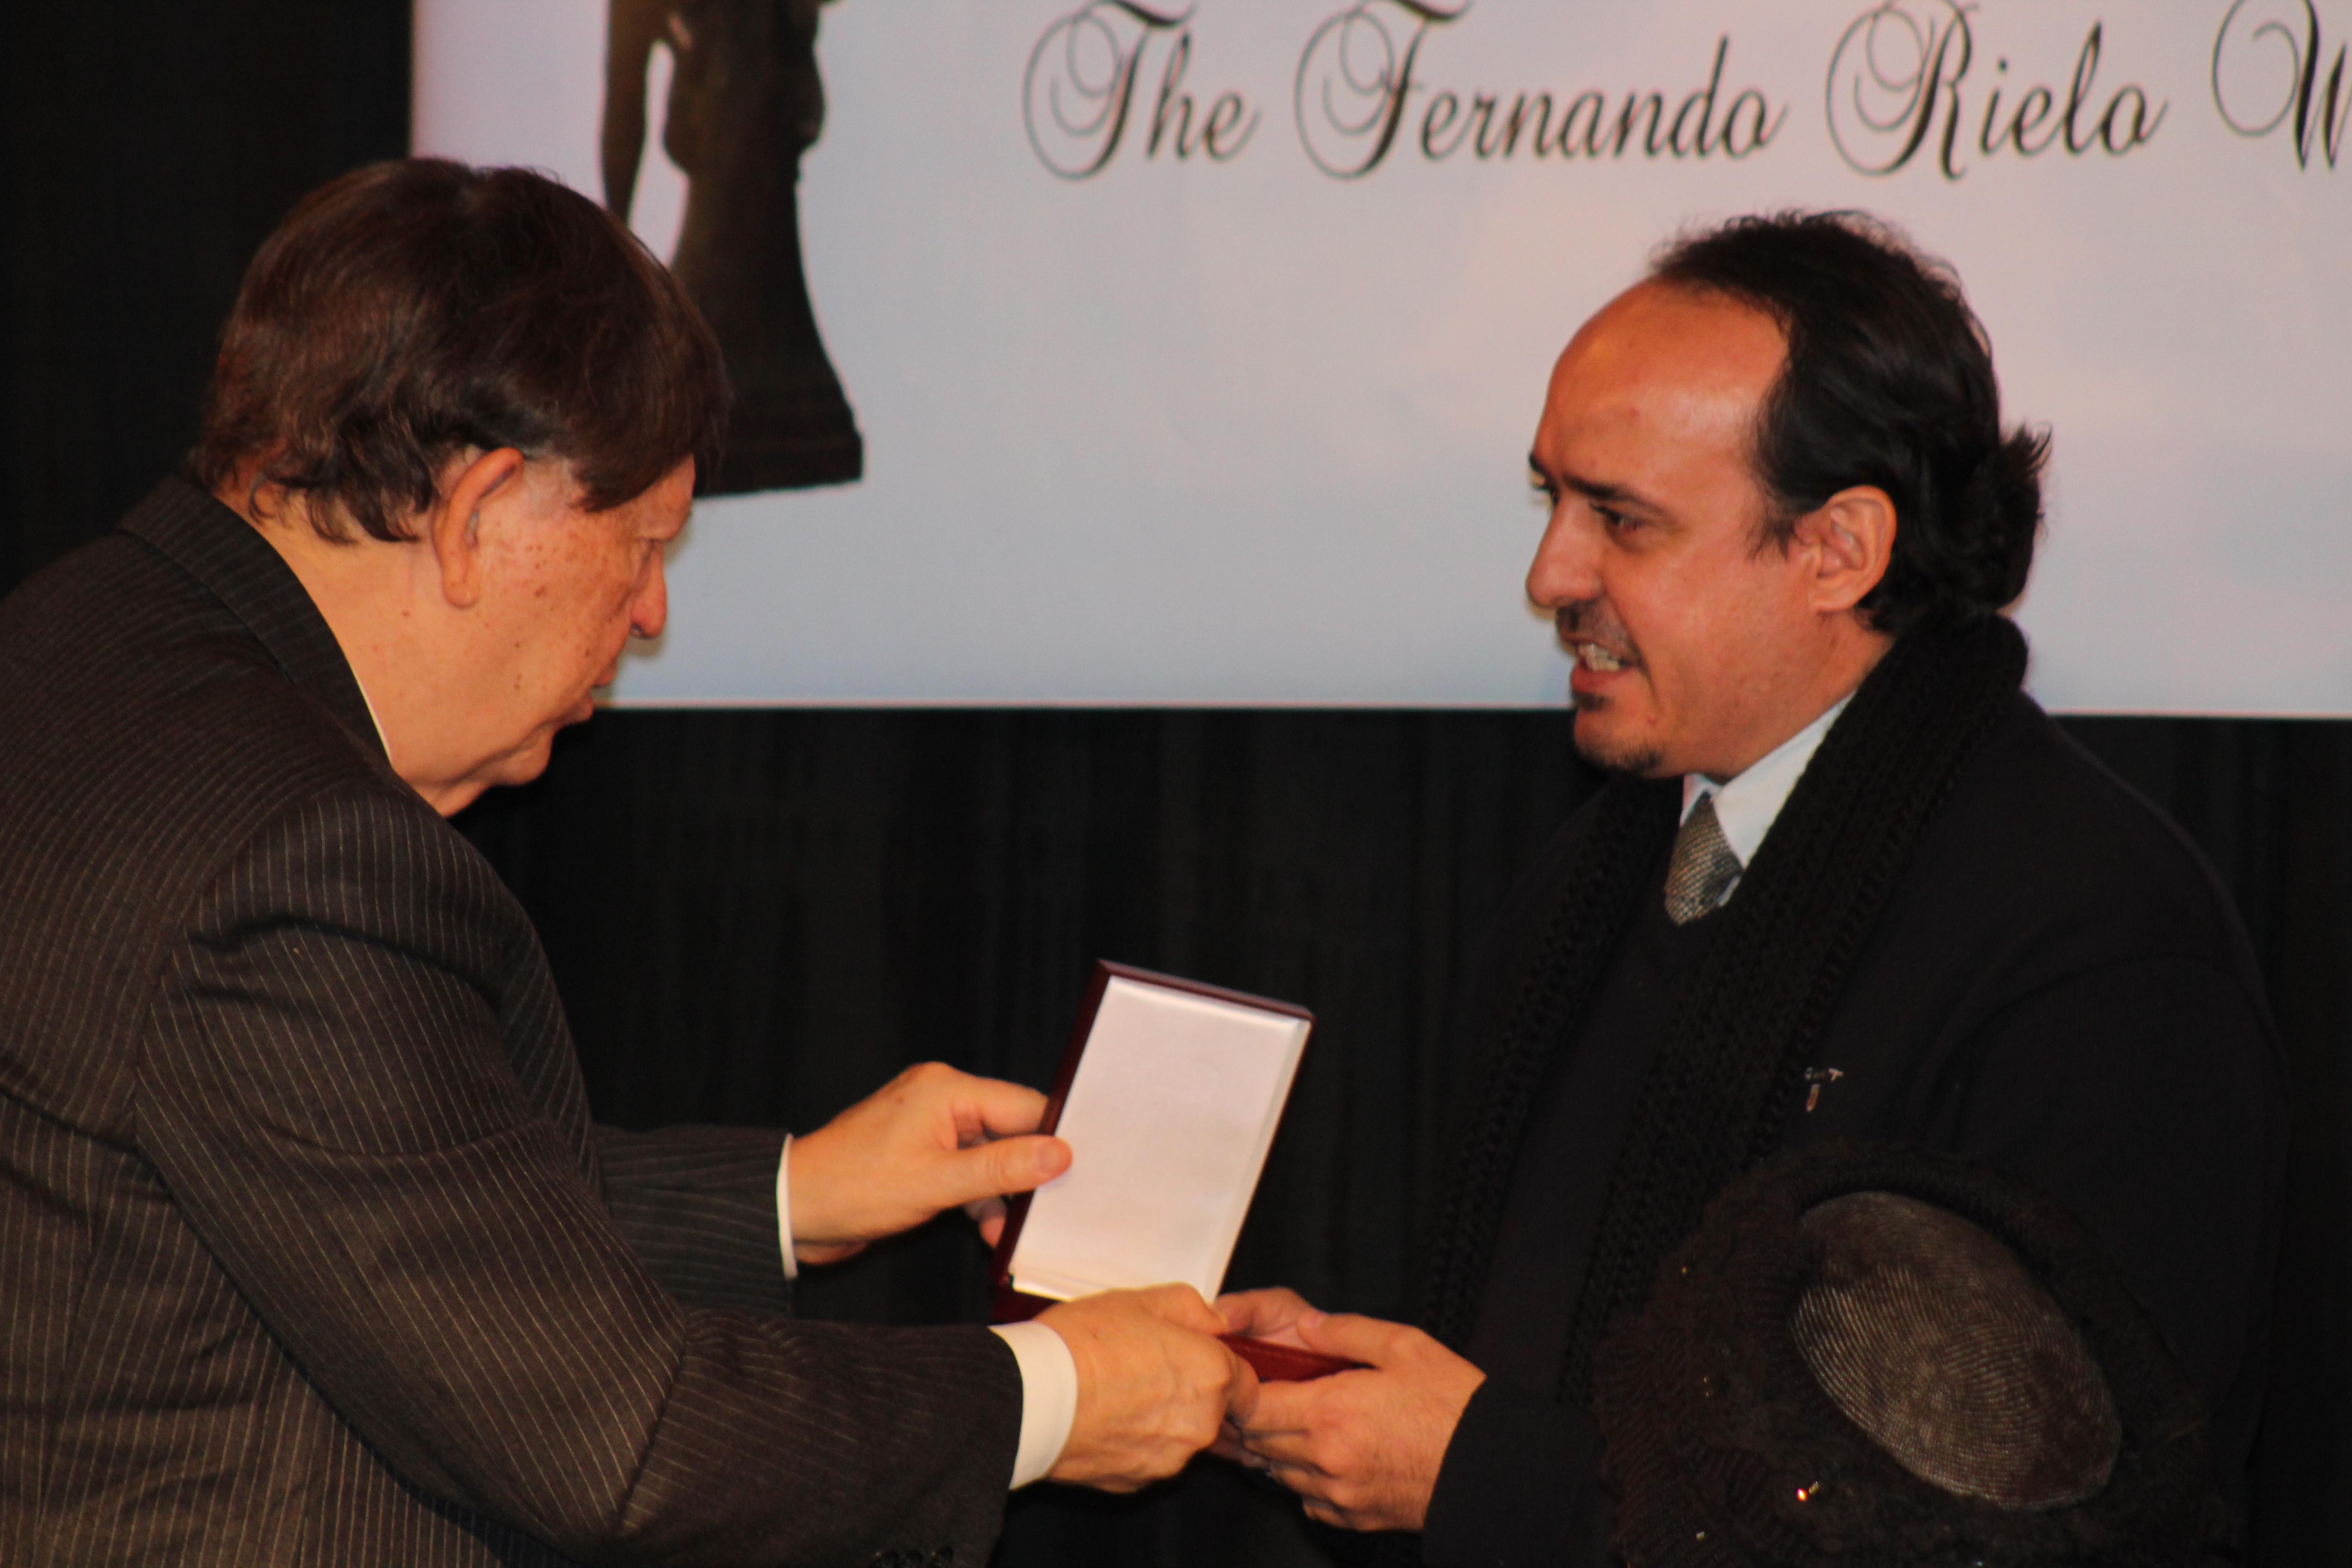 Entrega del Premio Fernando Rielo a Antonio Martín © Fundación Fernando Rielo